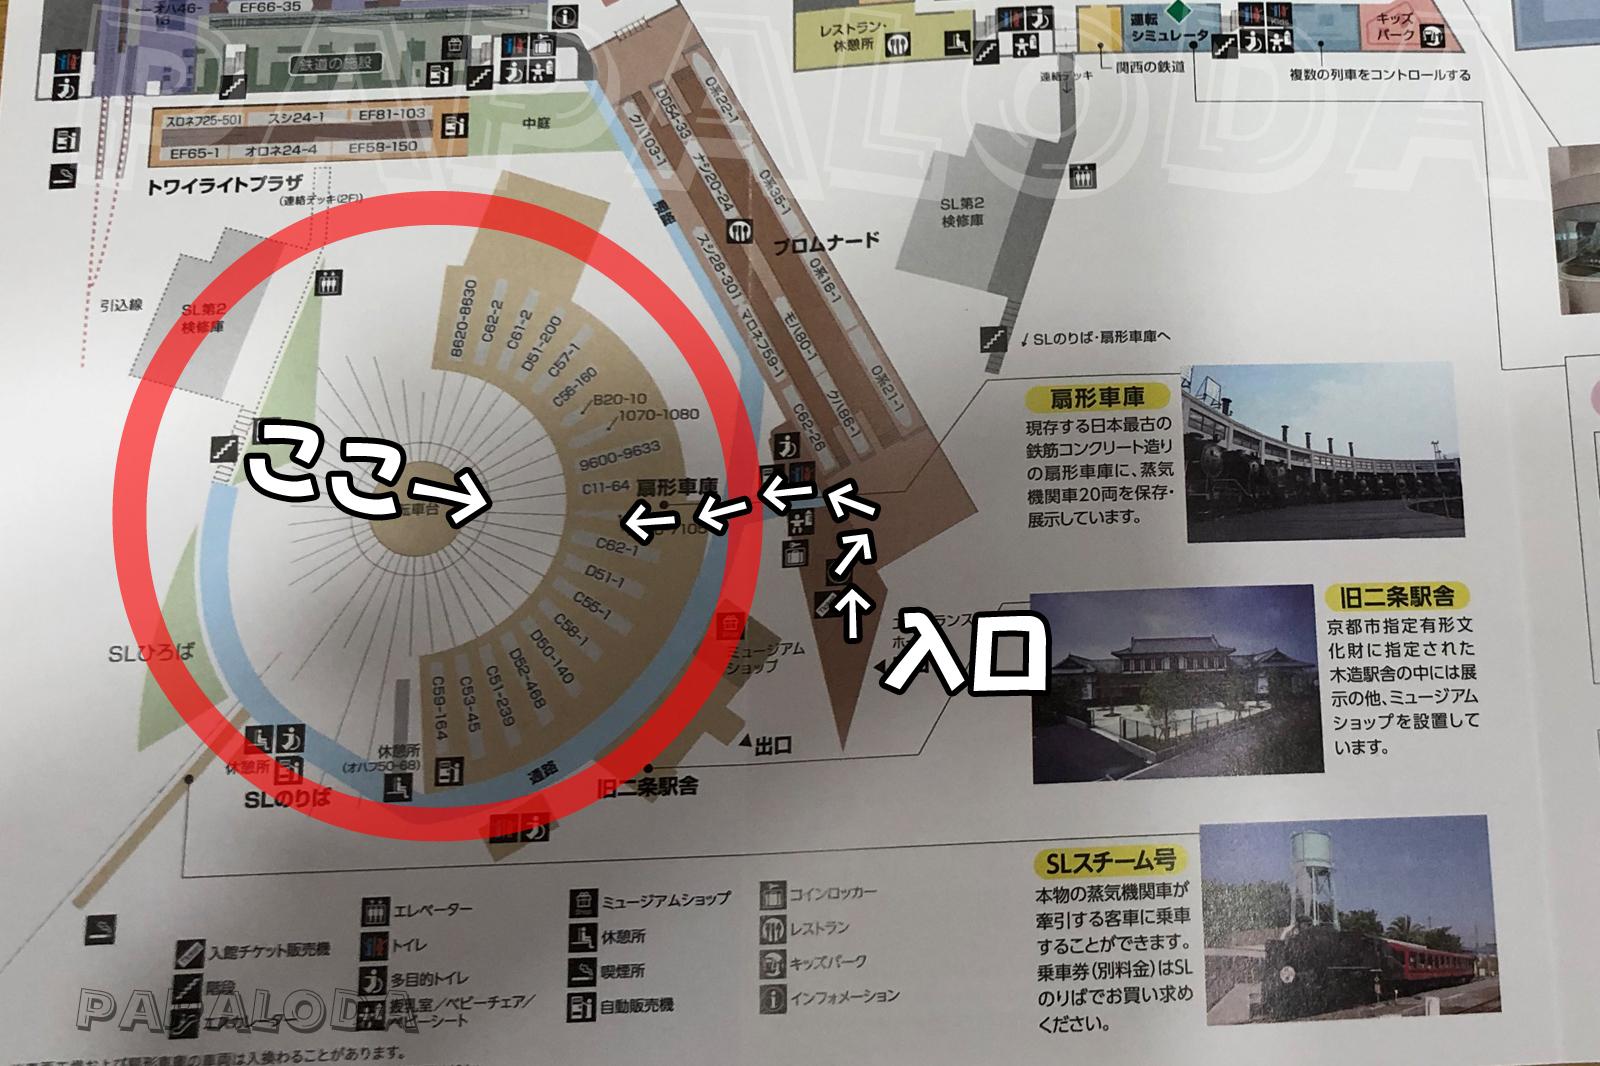 京都鉄道博物館のSL頭出し展示002